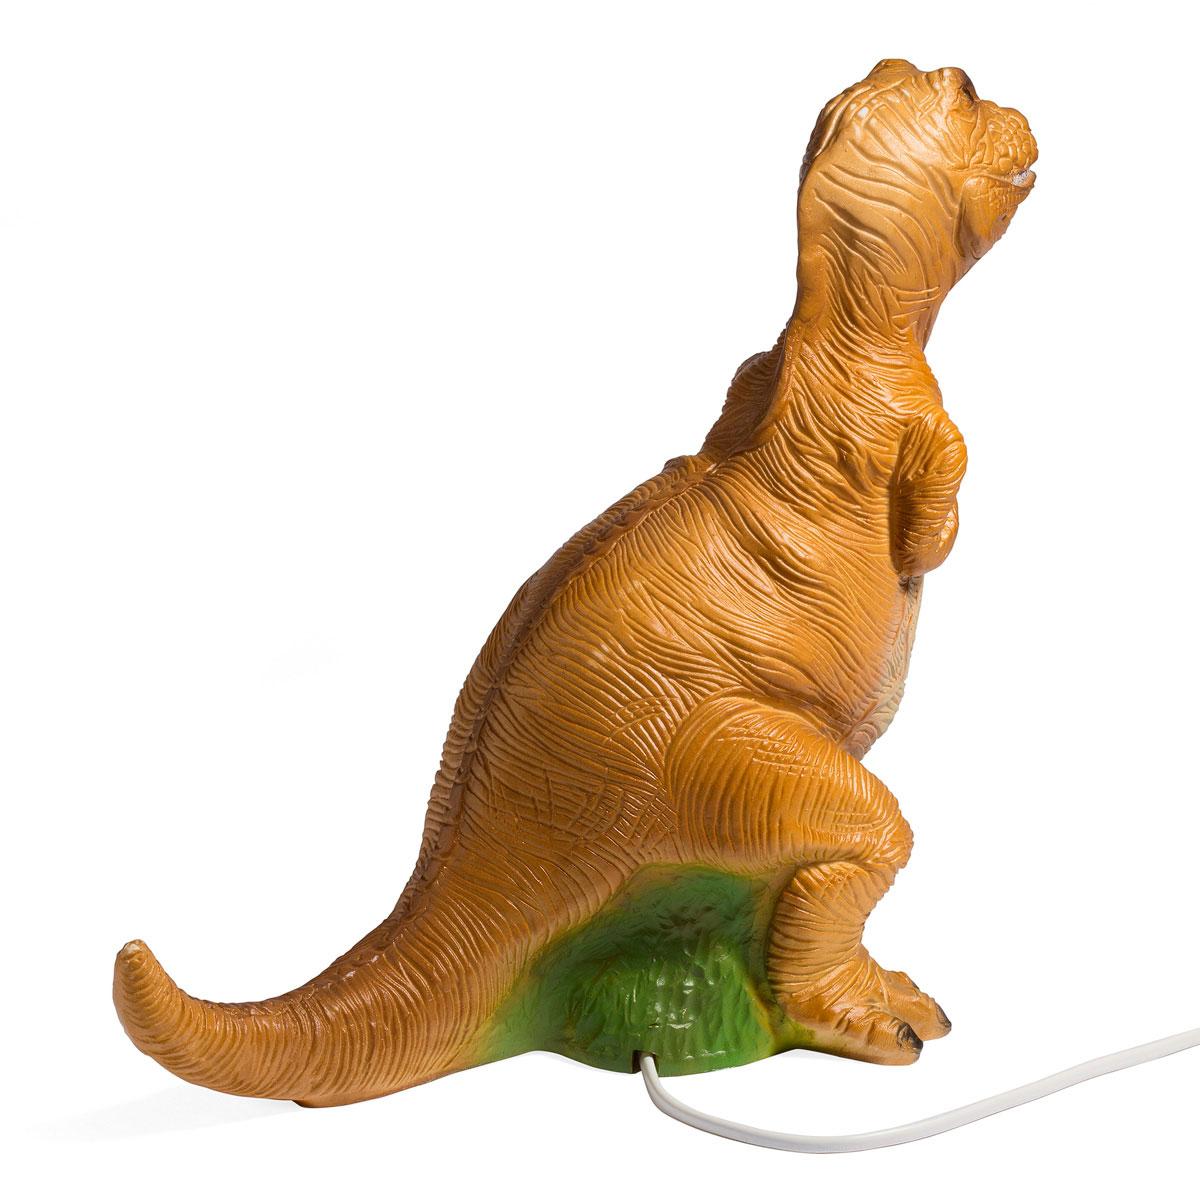 Leuchte dinosaurier t rex 220v kaufen corpus delicti for Leuchte jugendzimmer